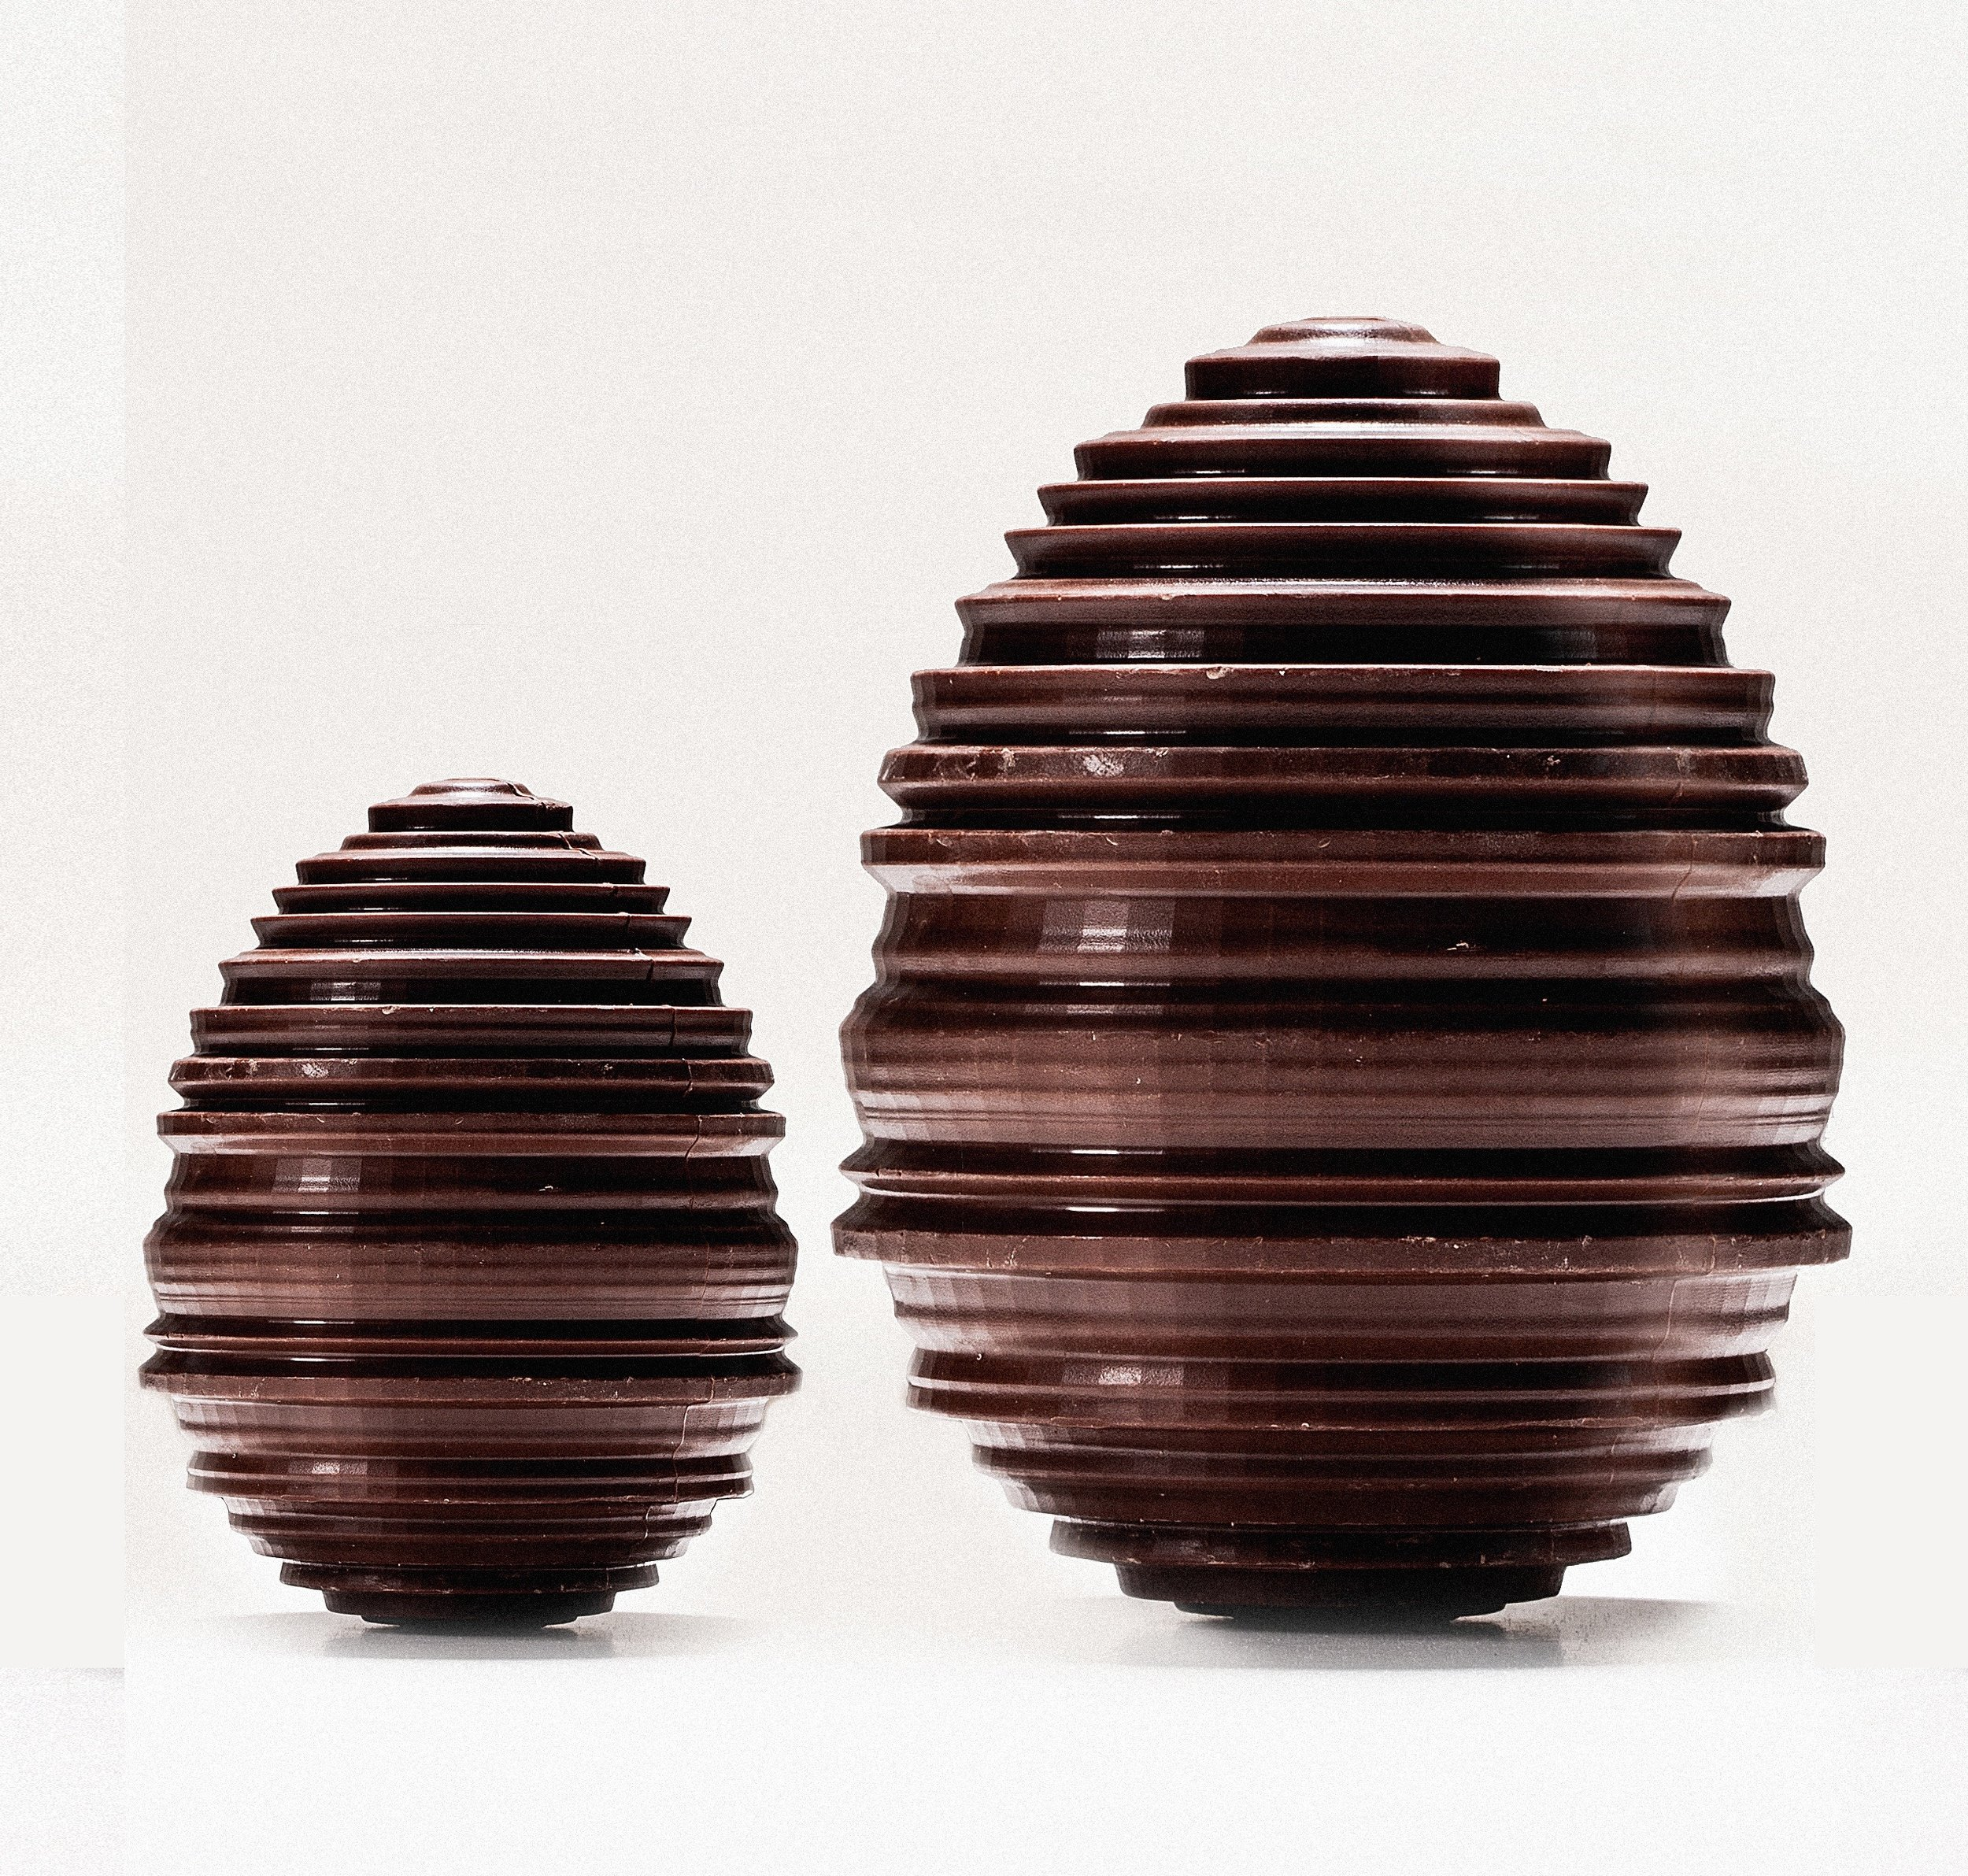 Manufacture de chocolat Alain Ducasse - Oeufs tournés (c)Pierre Monetta.jpg